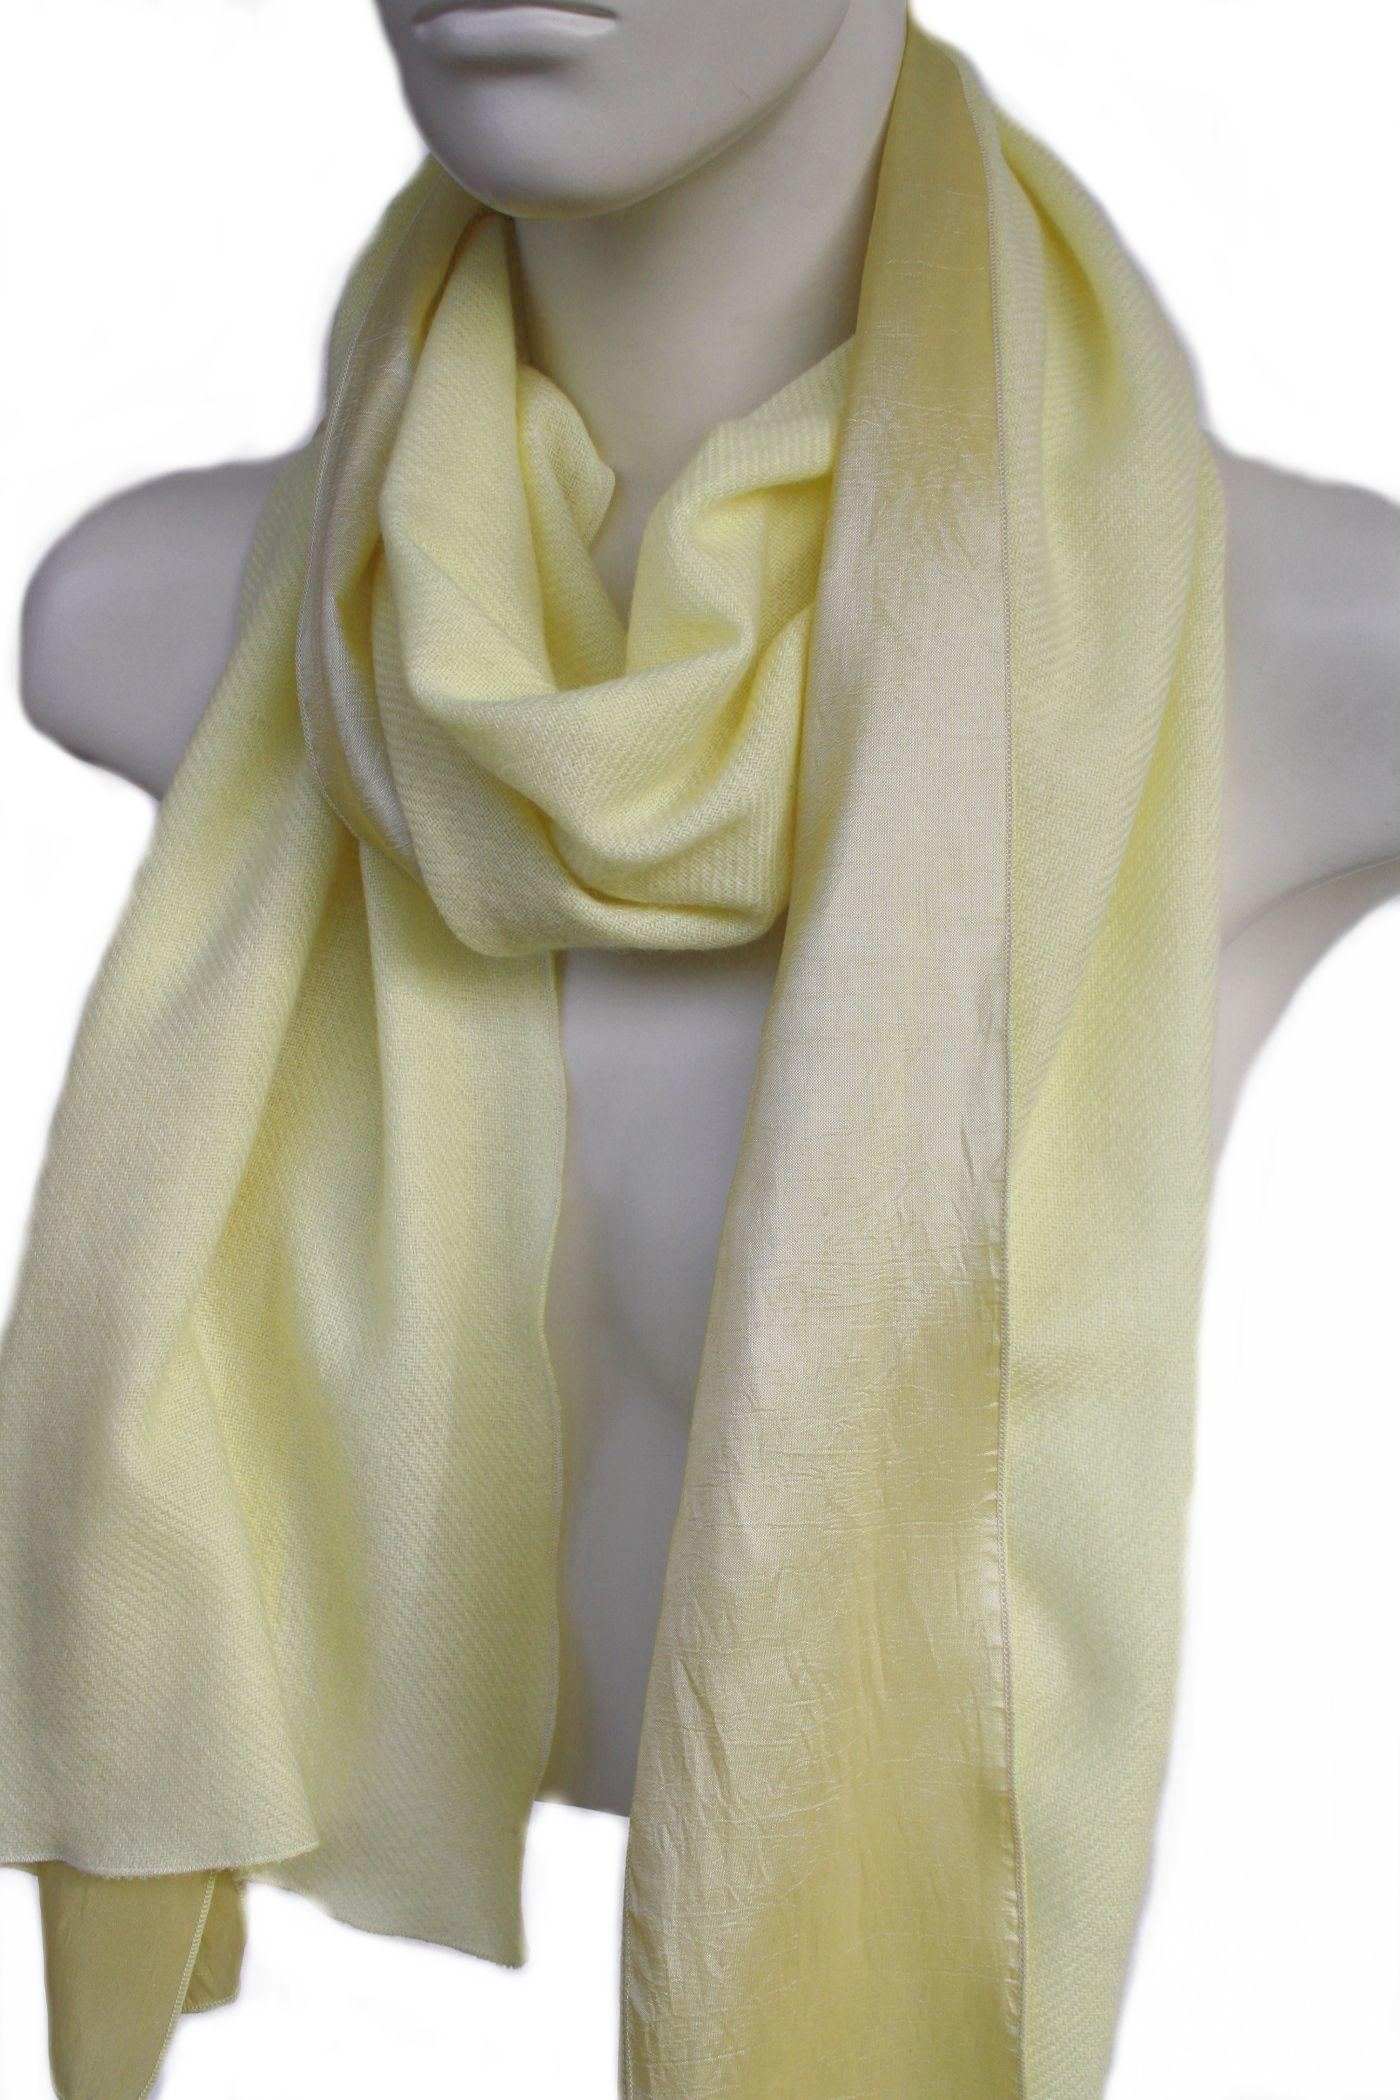 3a6541391e5fe9 Gelber Schal aus Seide & Cashmere, einfach ein Hingucker, für Sommer &  Winter, dünnes feines hellgelbes Kaschmir & ein etwas dunklerer Streifen  Seide, ca.